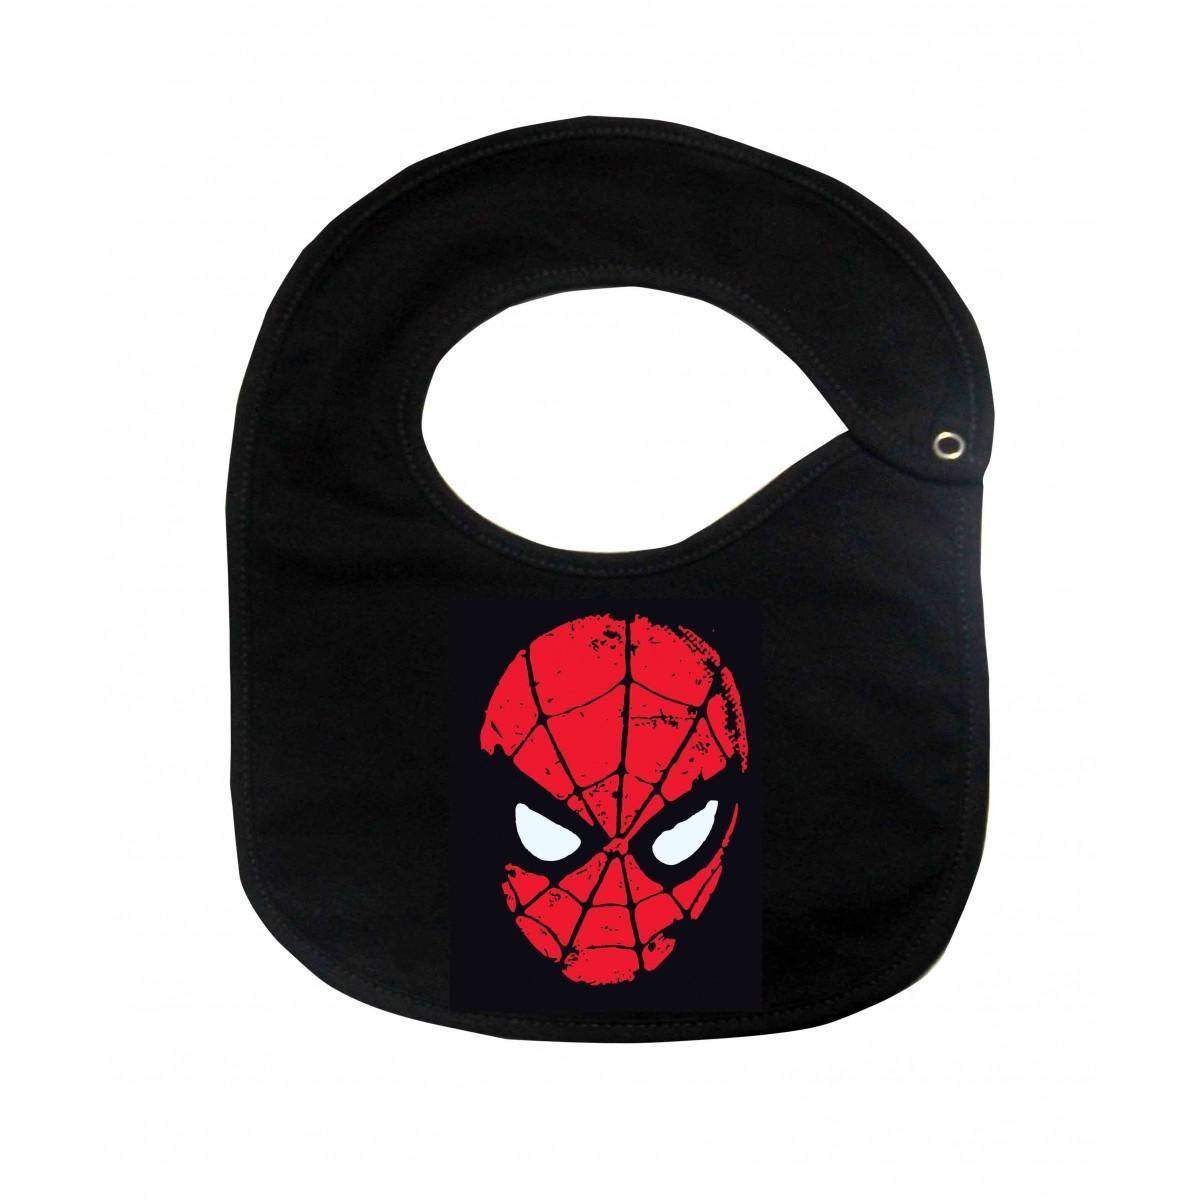 Babador Super Heróis Baby  - Homem Aranha  - Black  - Baby Monster S/A